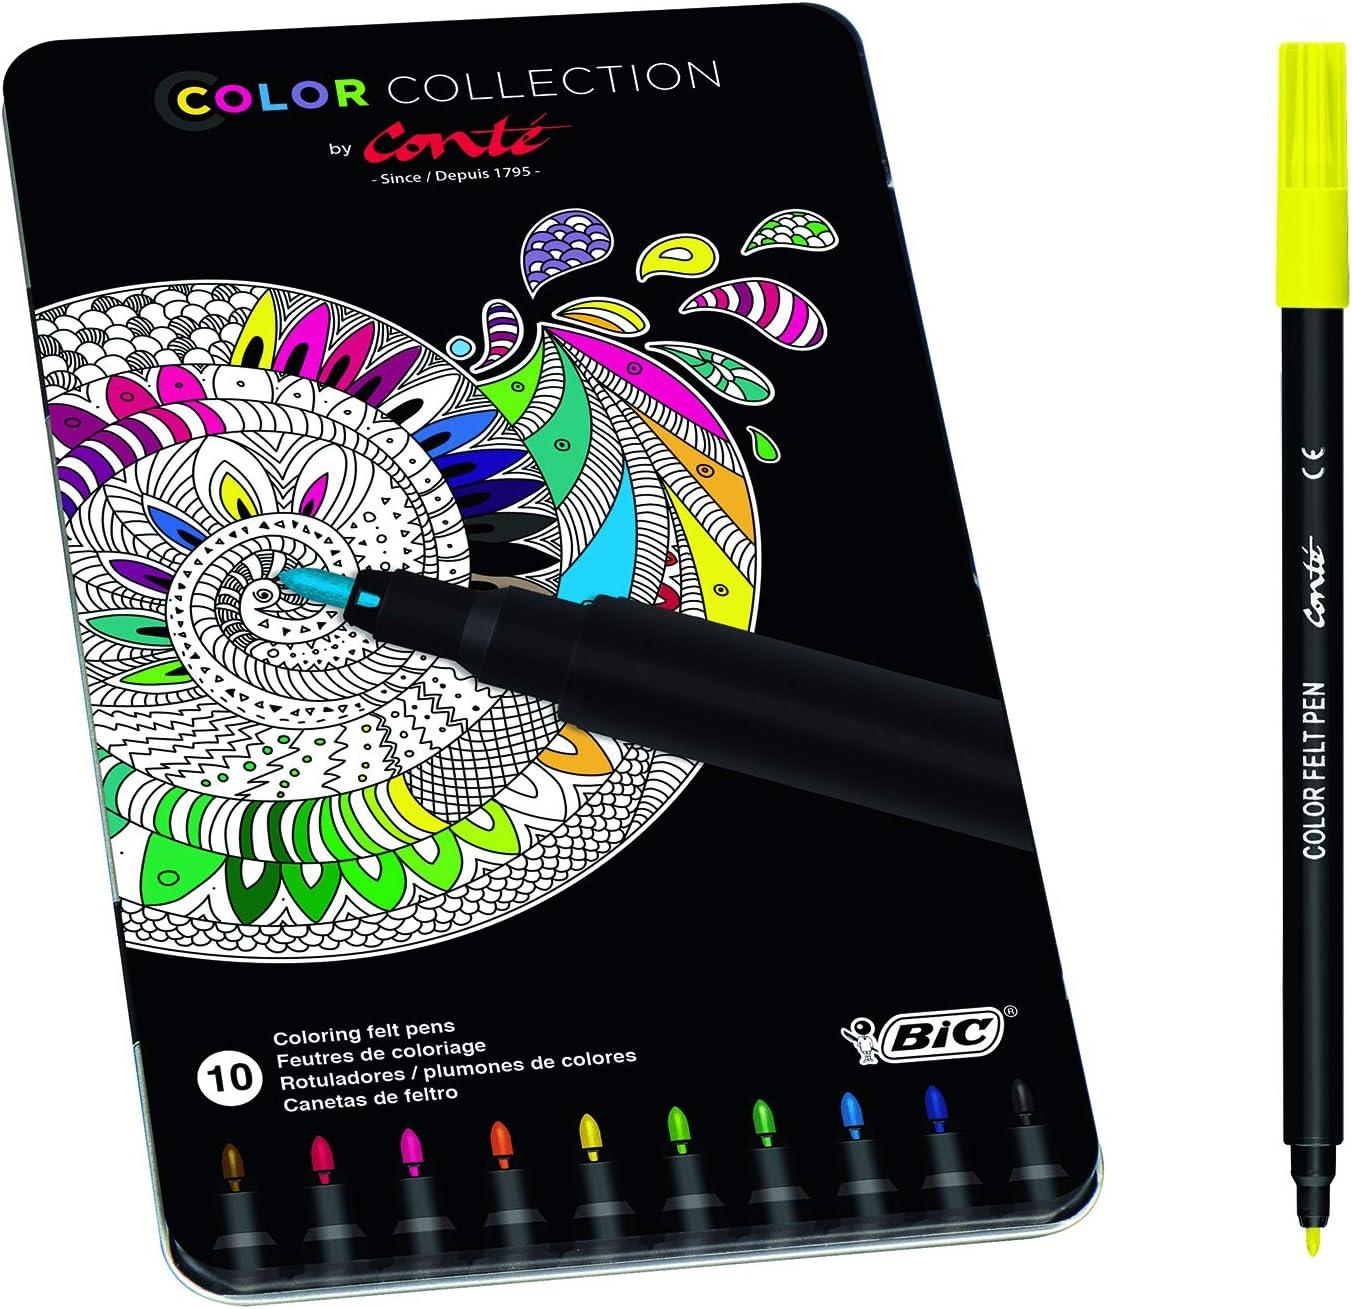 Conté rotuladores – colores Surtidos, Edición Limitada con Estuche Metálico de 10 unidades: Amazon.es: Oficina y papelería